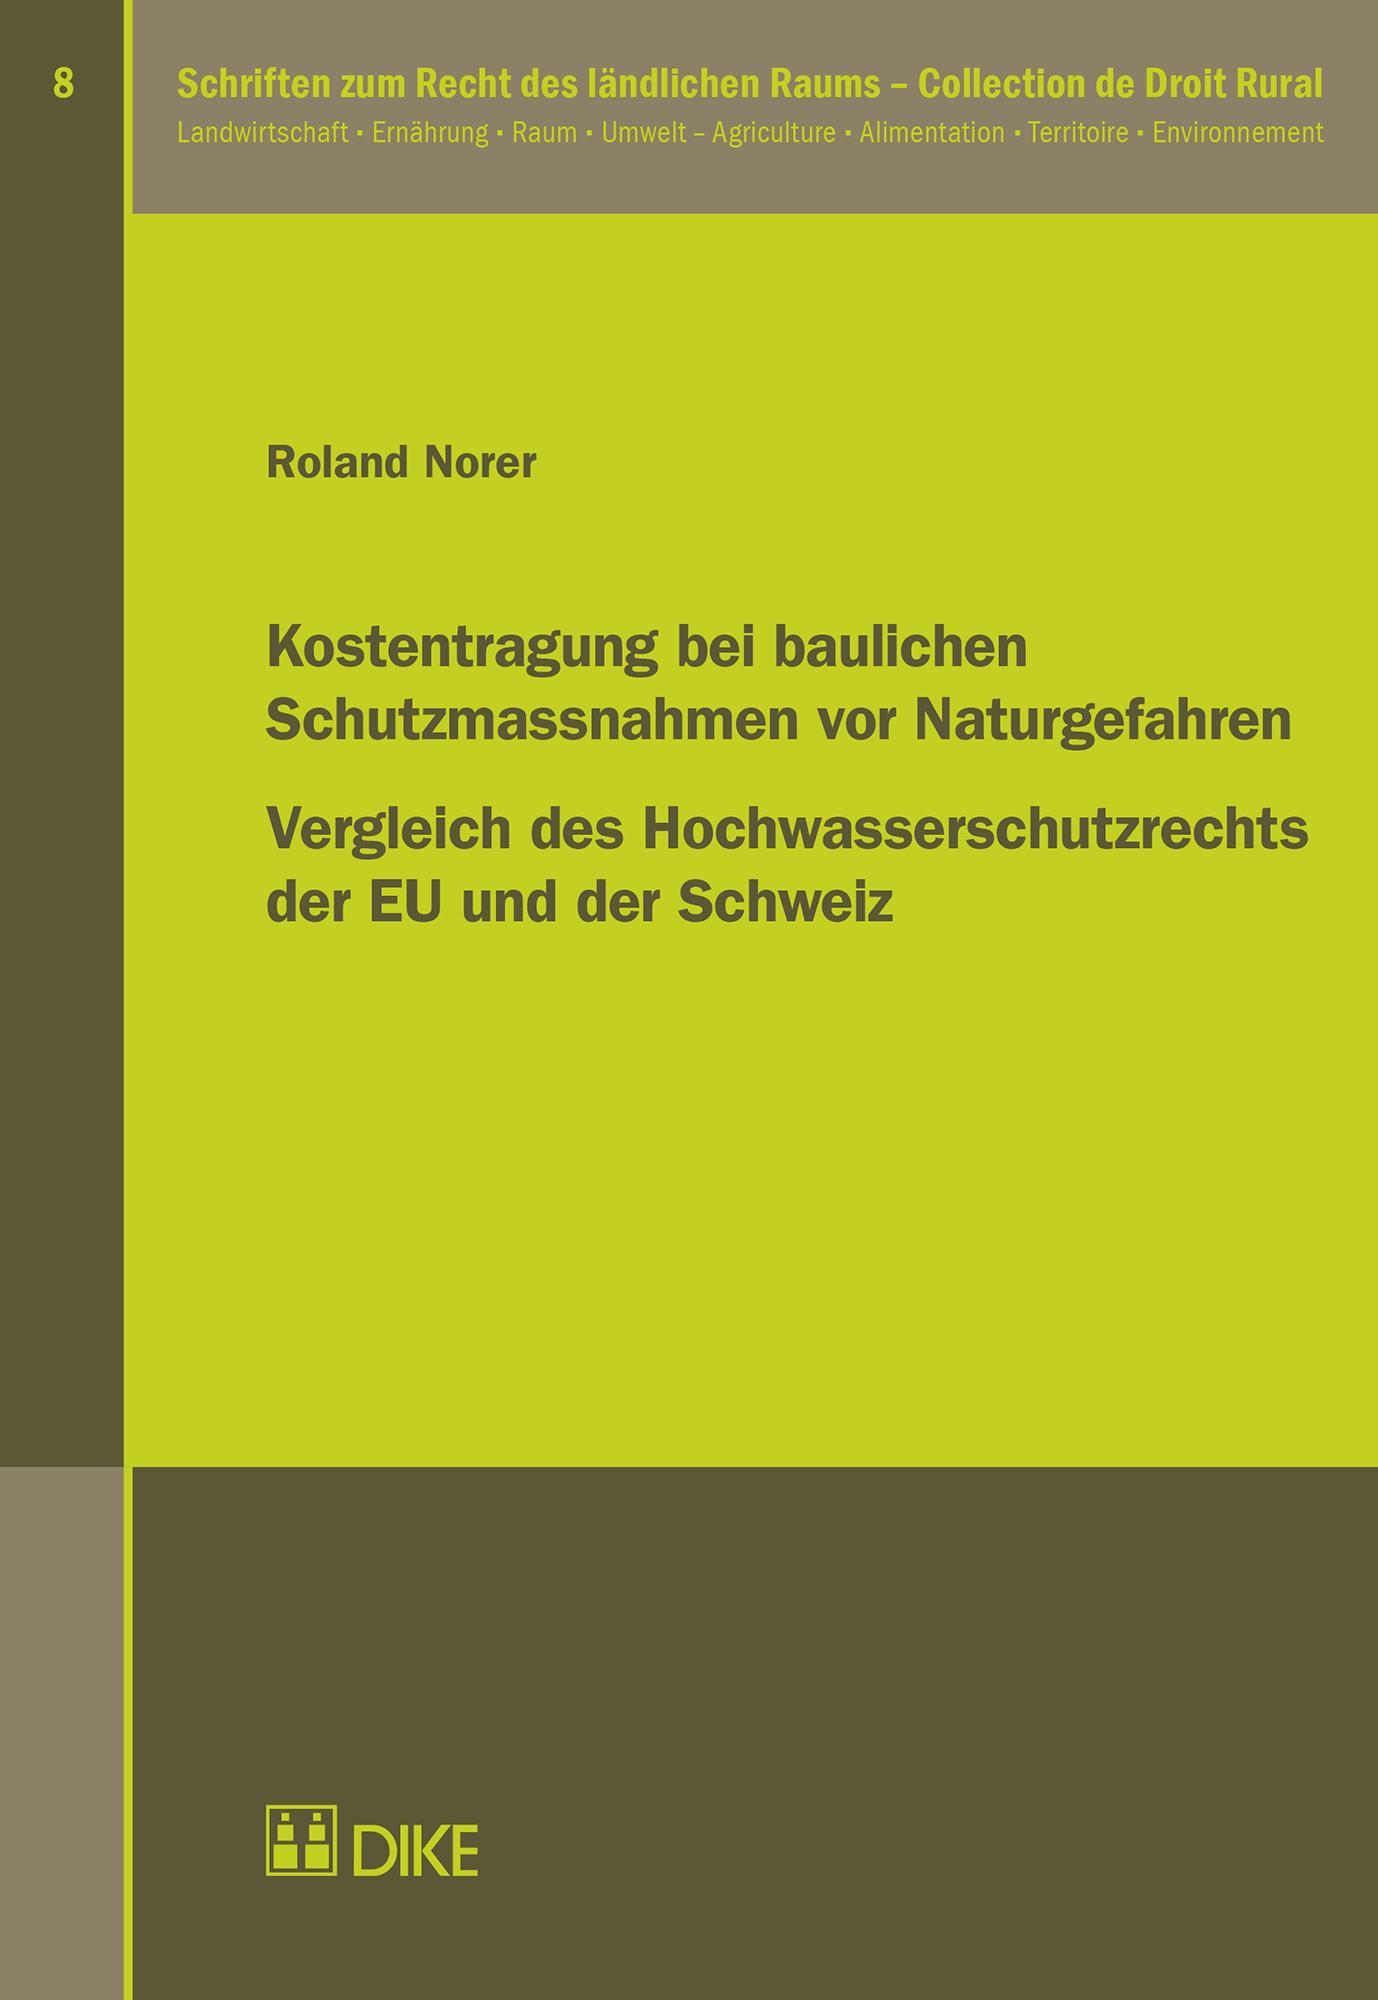 Kostentragung bei baulichen Schutzmassnahmen vor Naturgefahren. Vergleich des Hochwasserschutzrechts der EU und der Schweiz